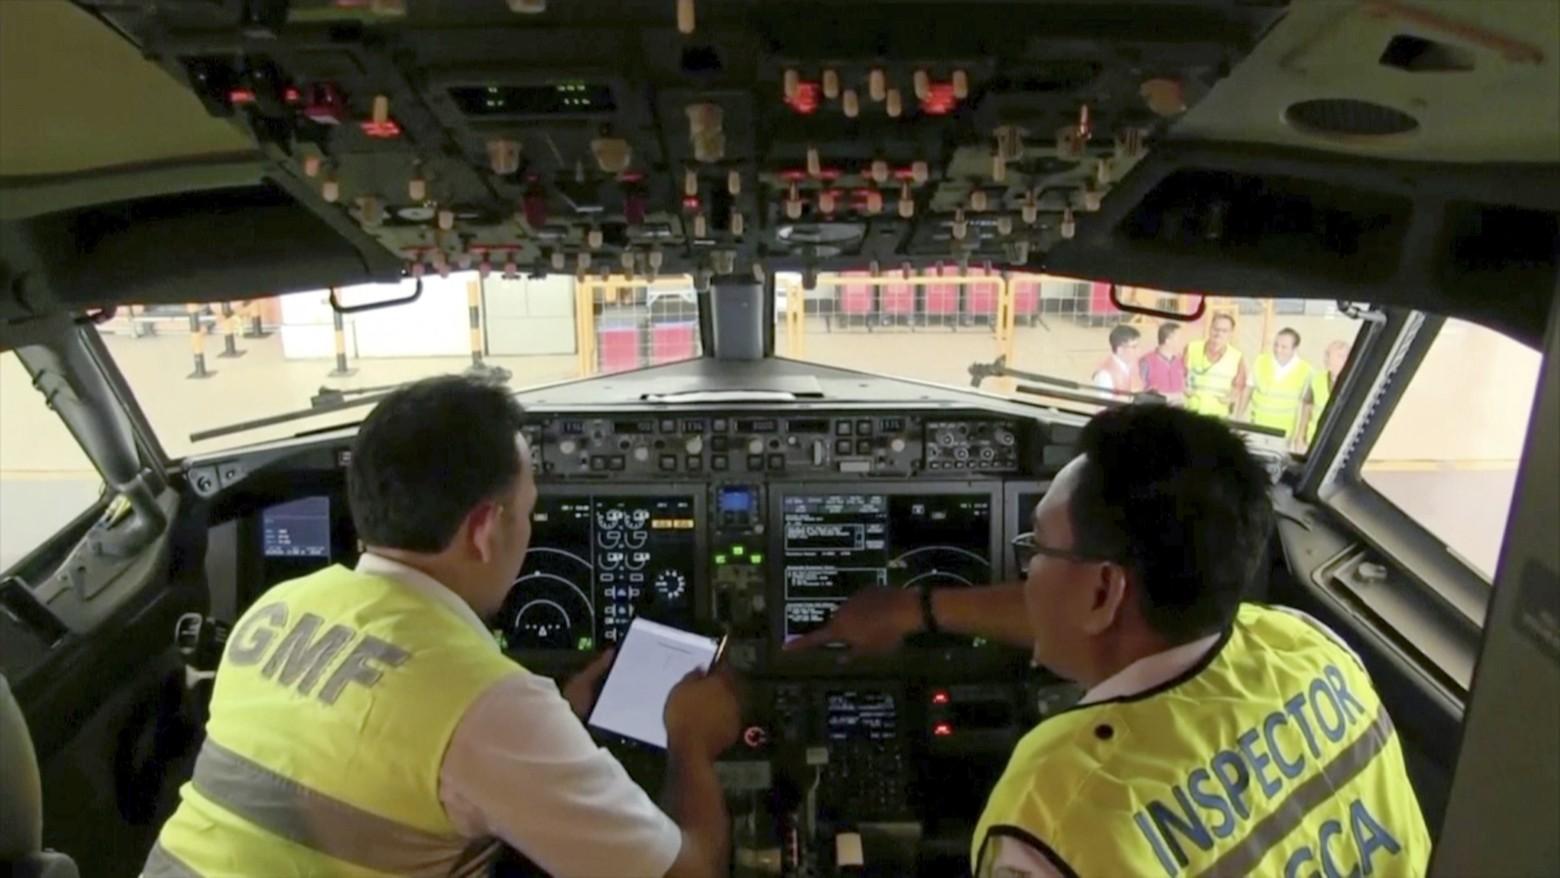 波音737 MAX机型暂停出货 全球多国对该机型禁飞_图1-1